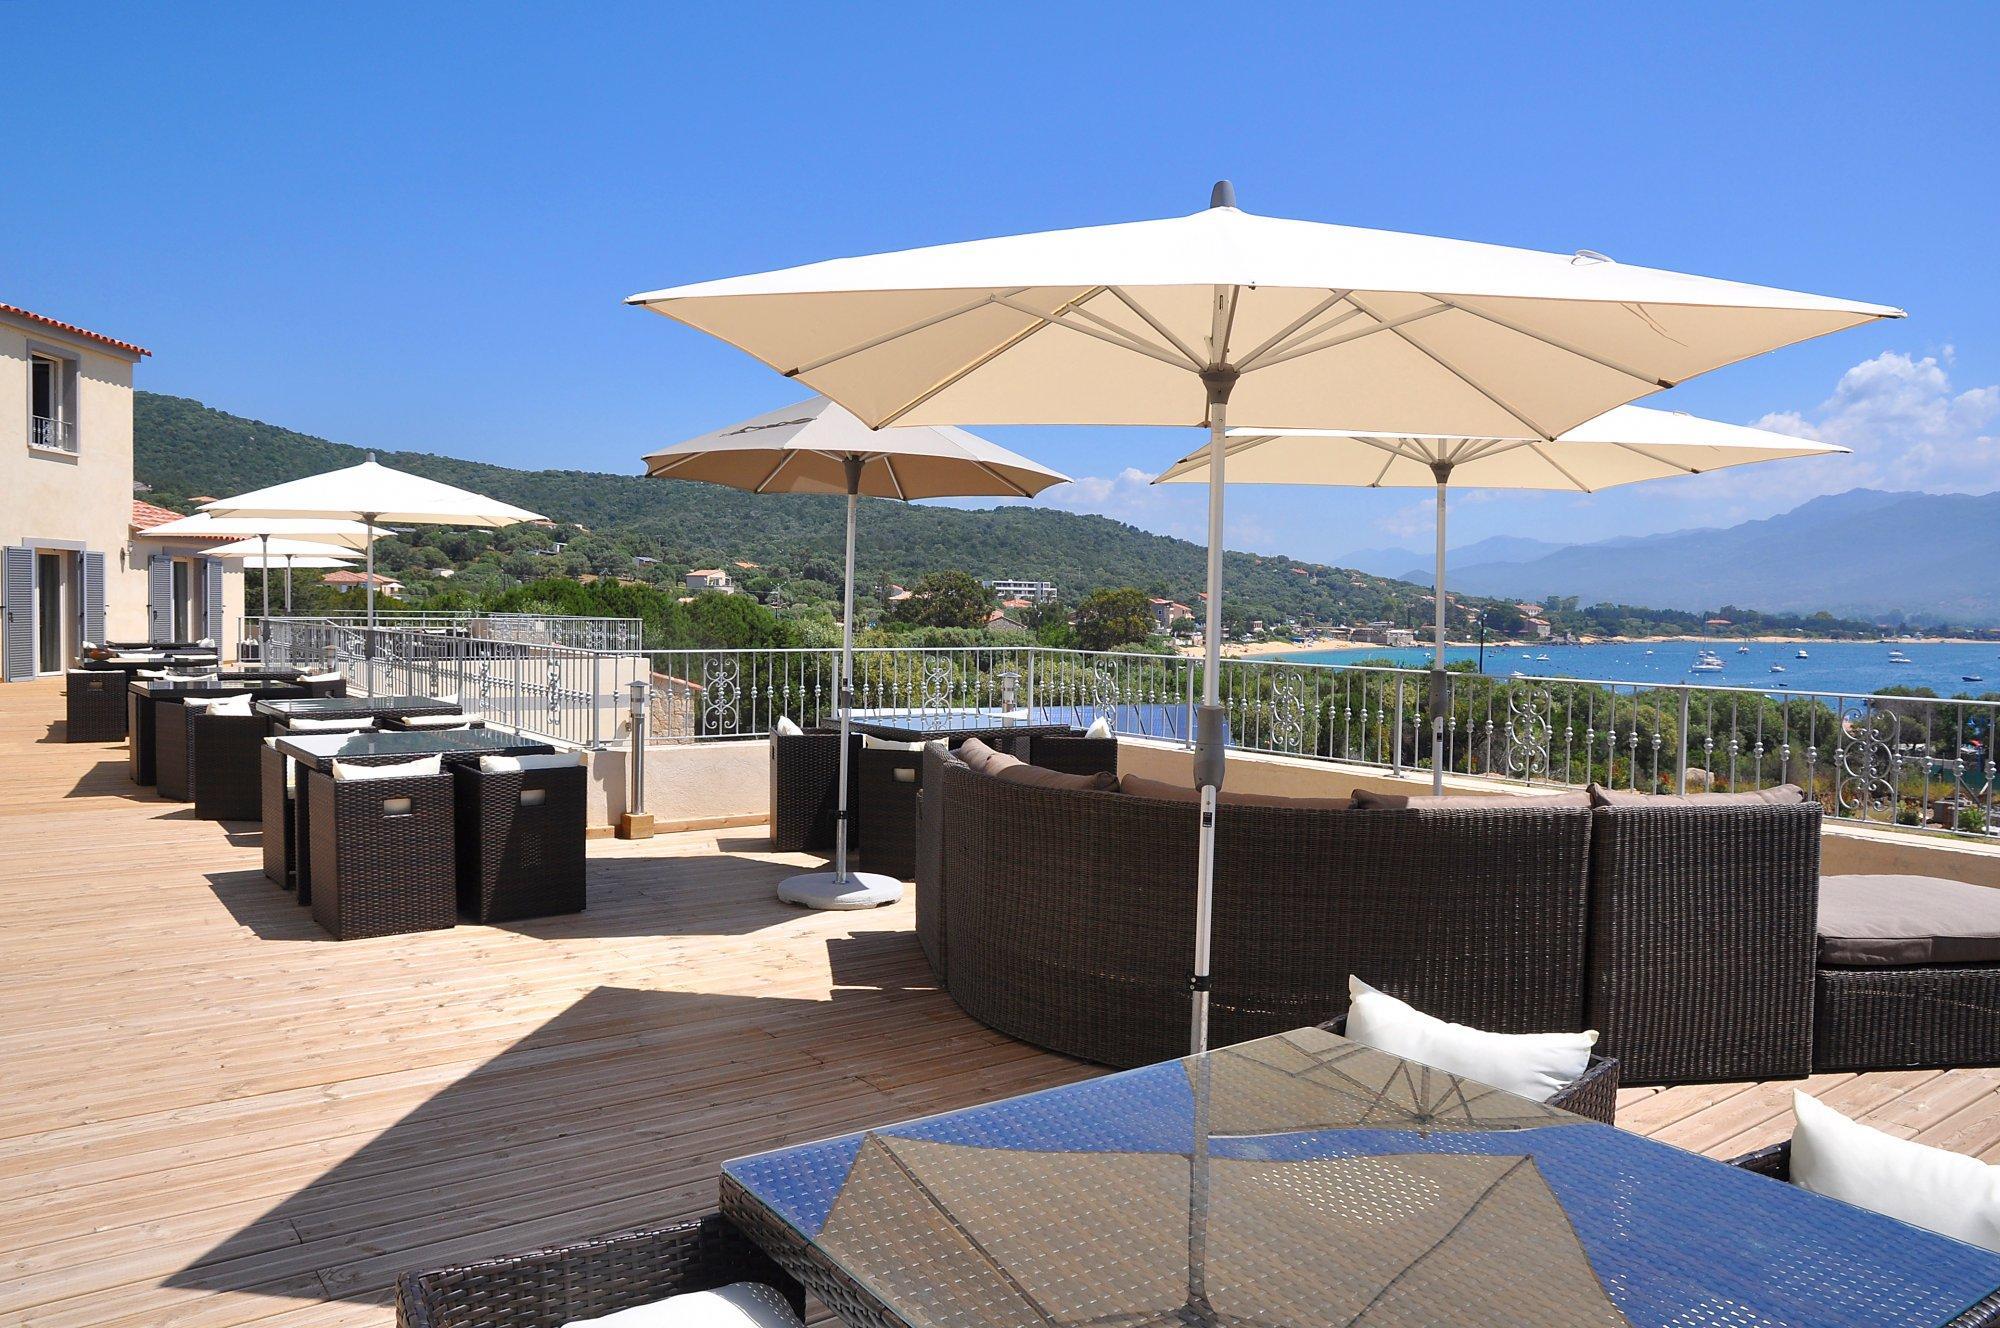 Hôtel de charme 3 étoiles en Corse pour les vacances